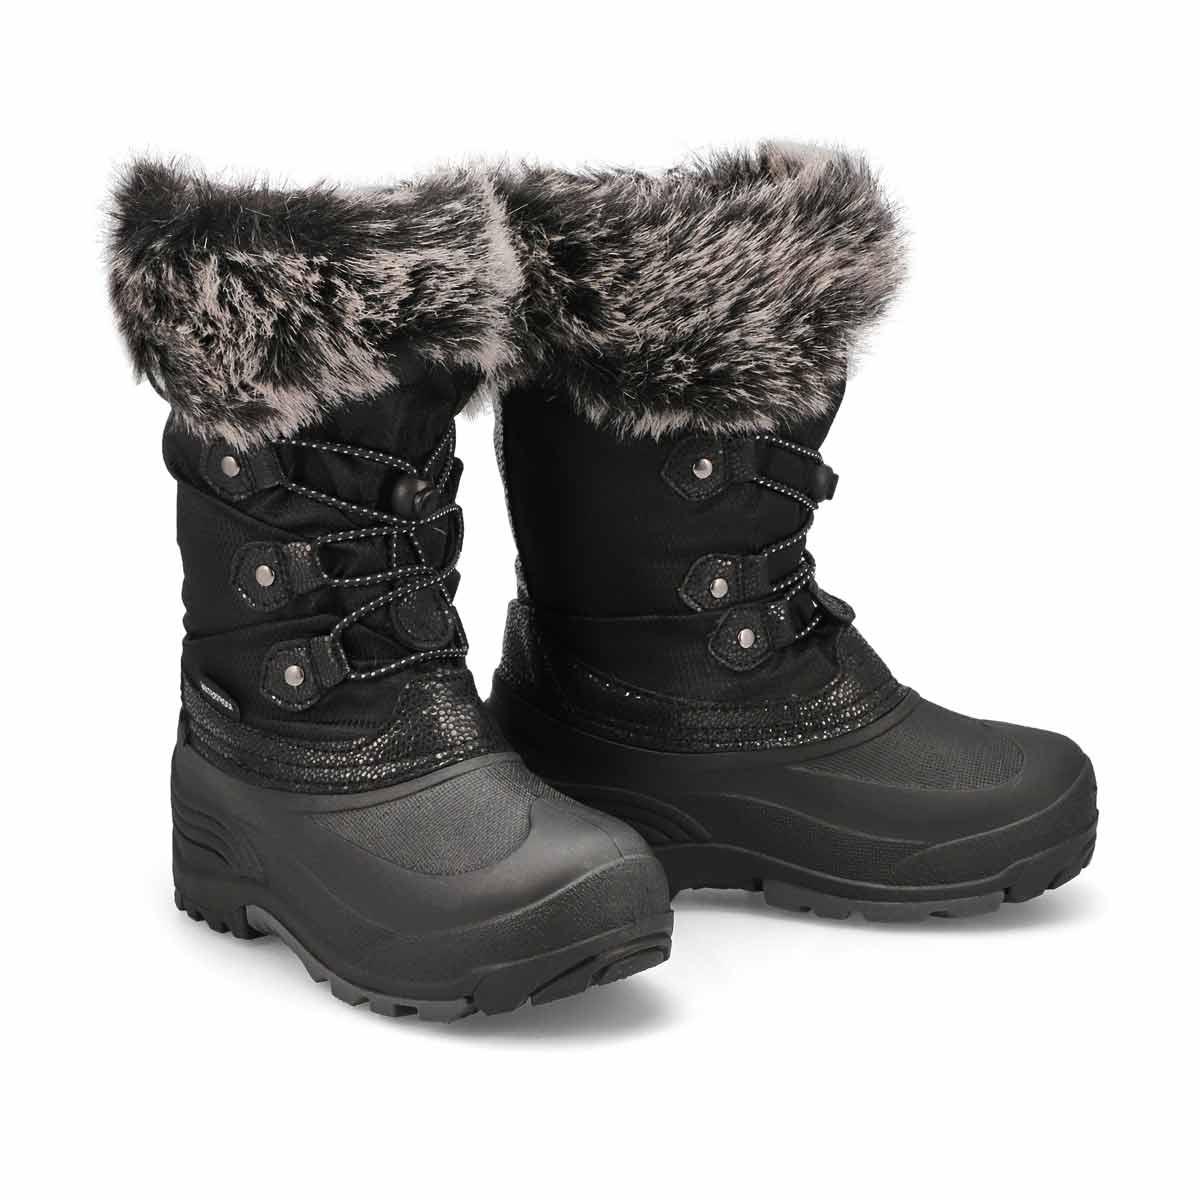 Grls Powdery2 blk wtpf winter boot